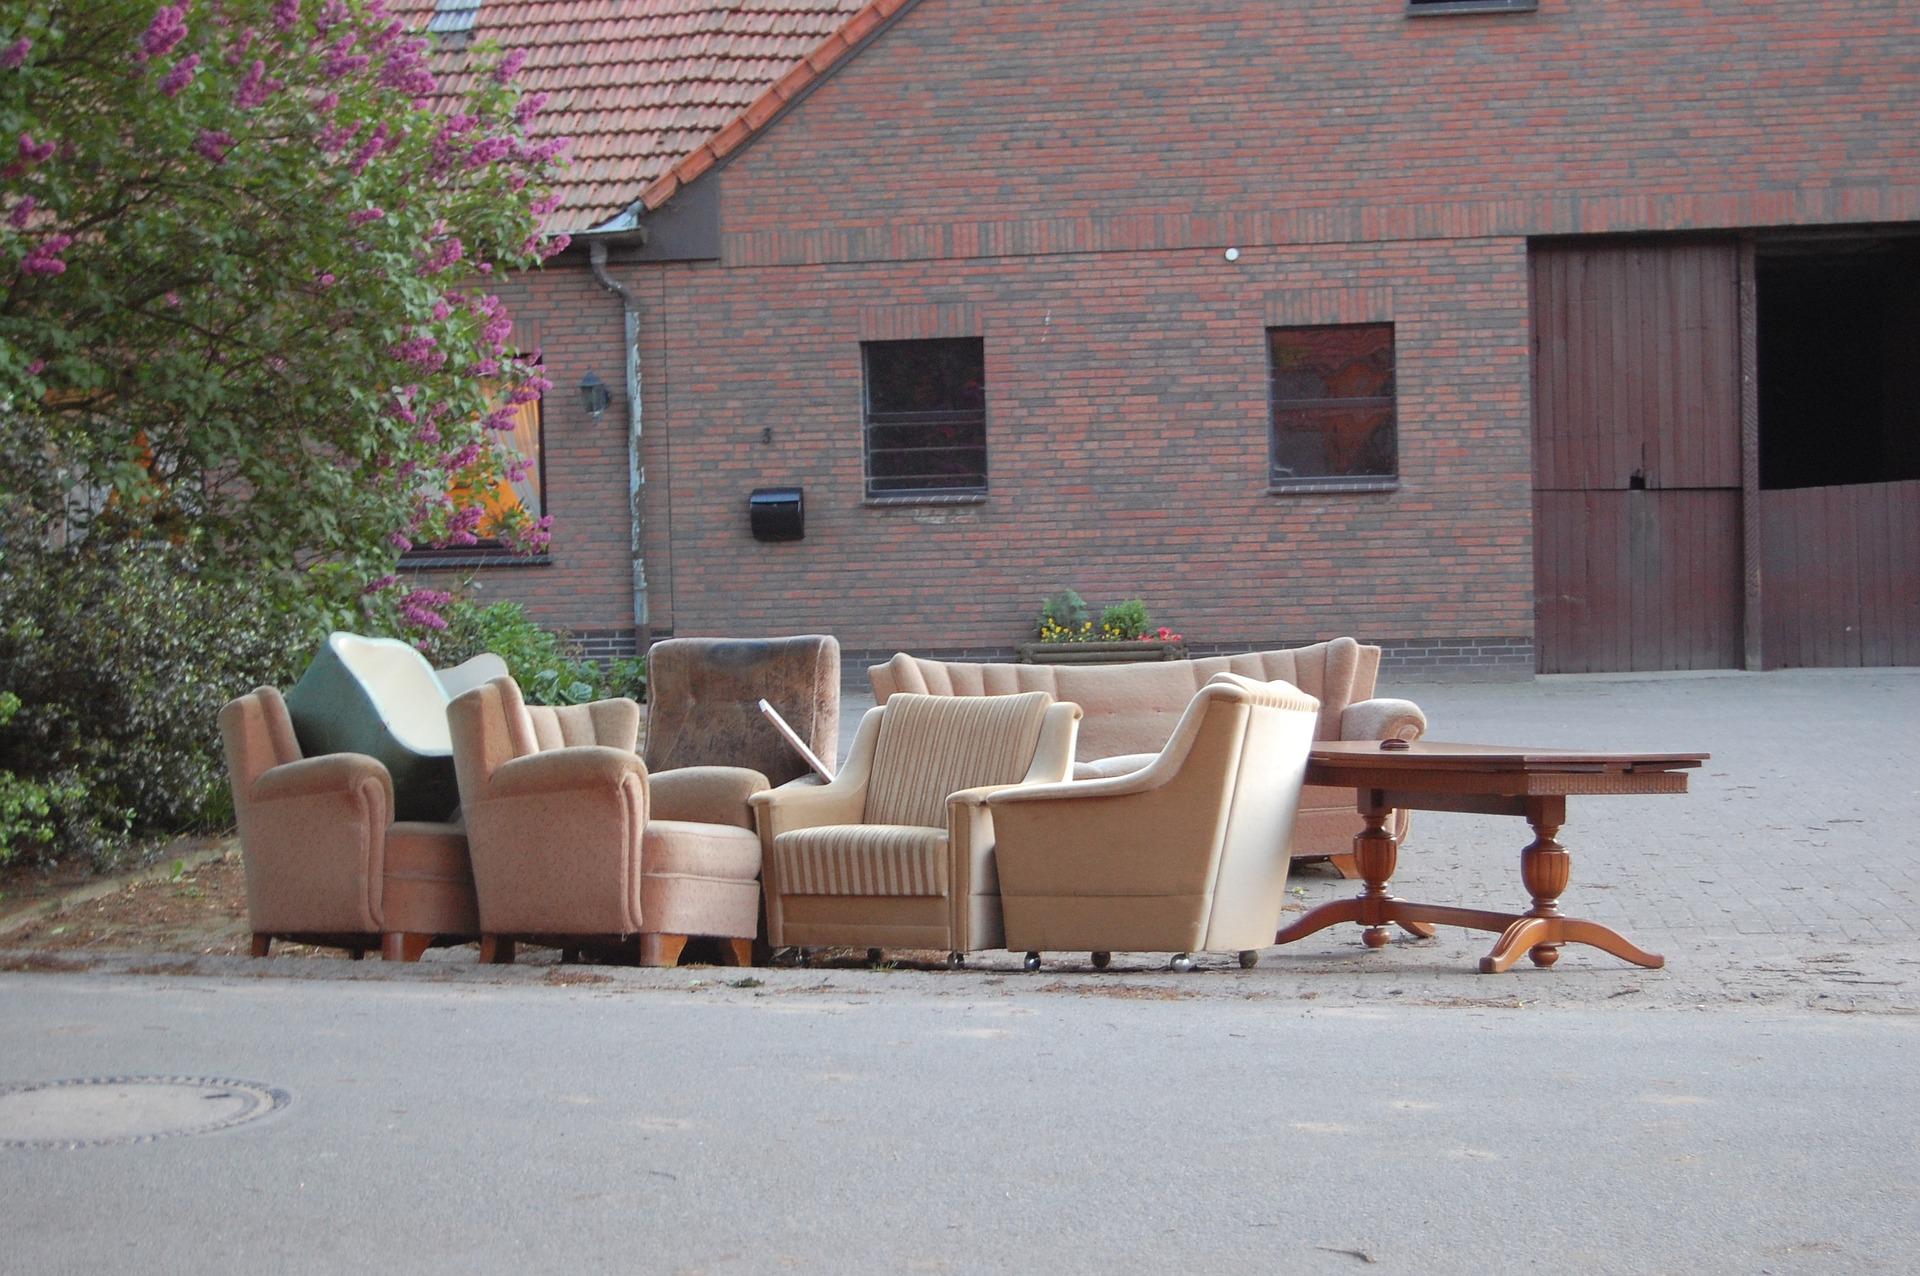 déchets encombrants dans une rue